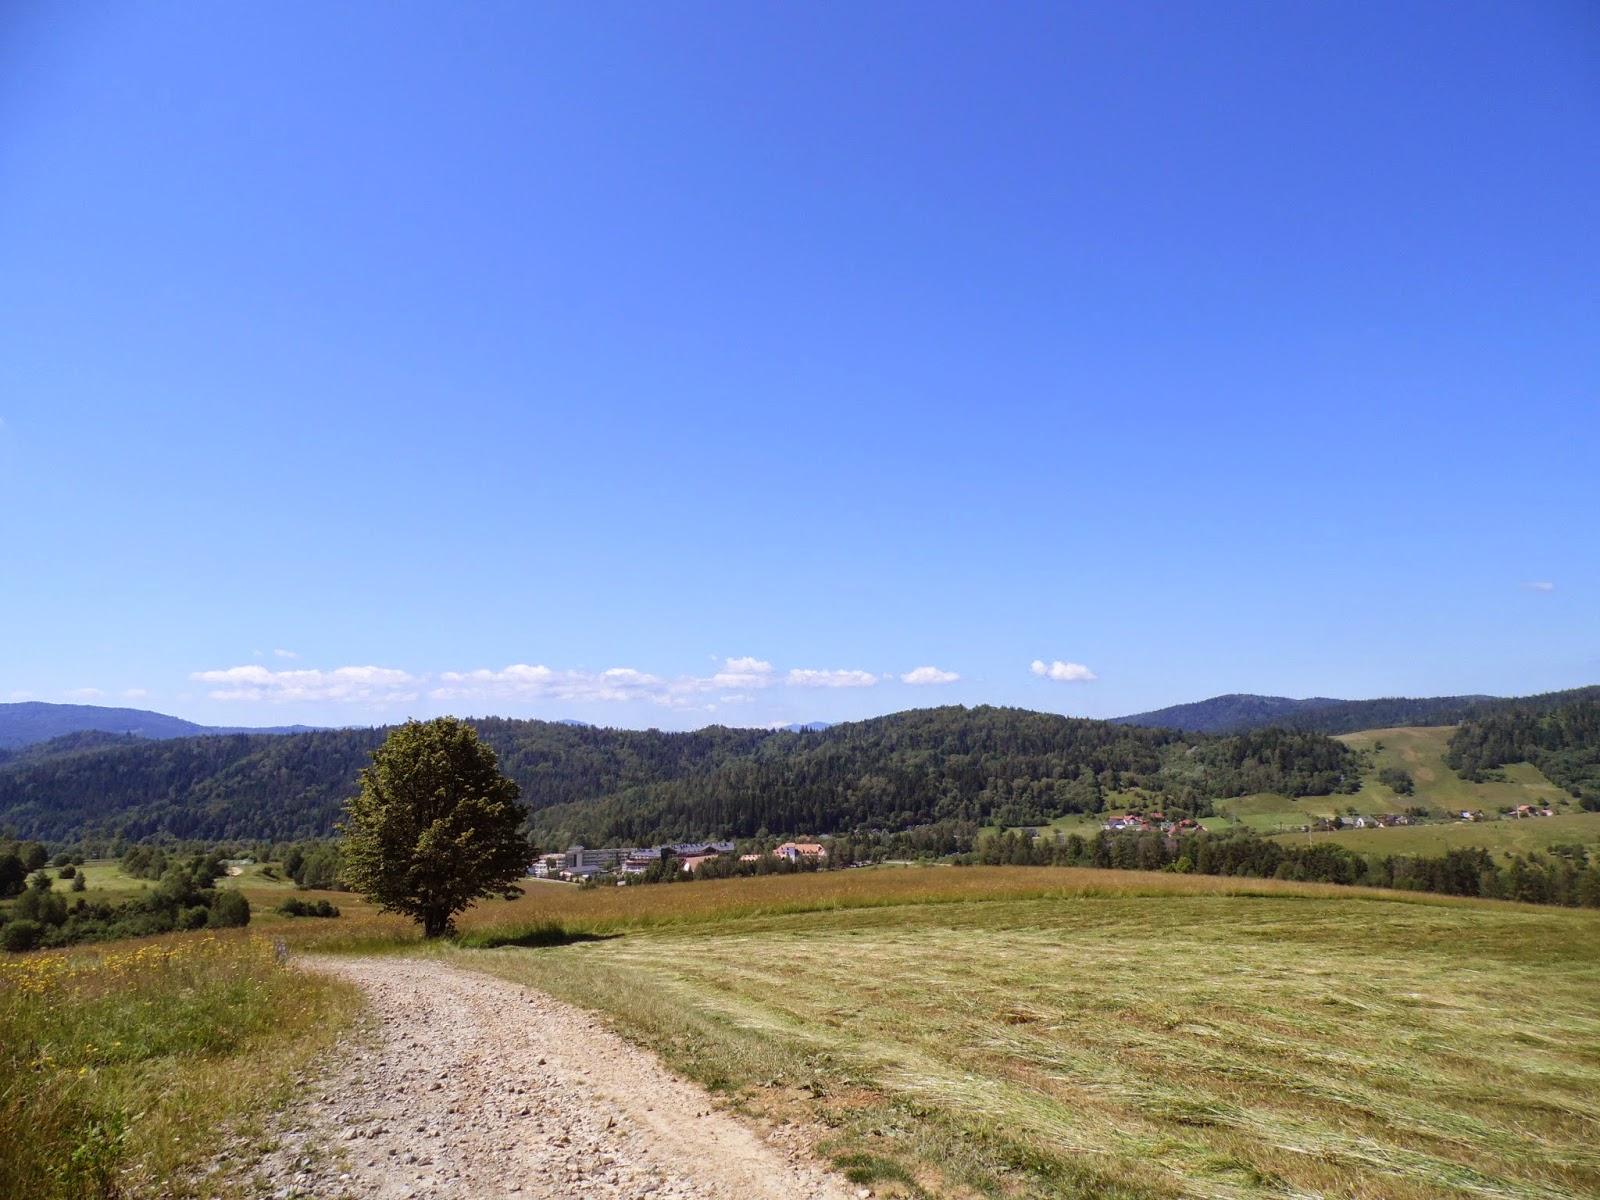 Krajobraz w okolicy Muszyny-Złockiego przy szlaku na Jaworzynę Krynicką